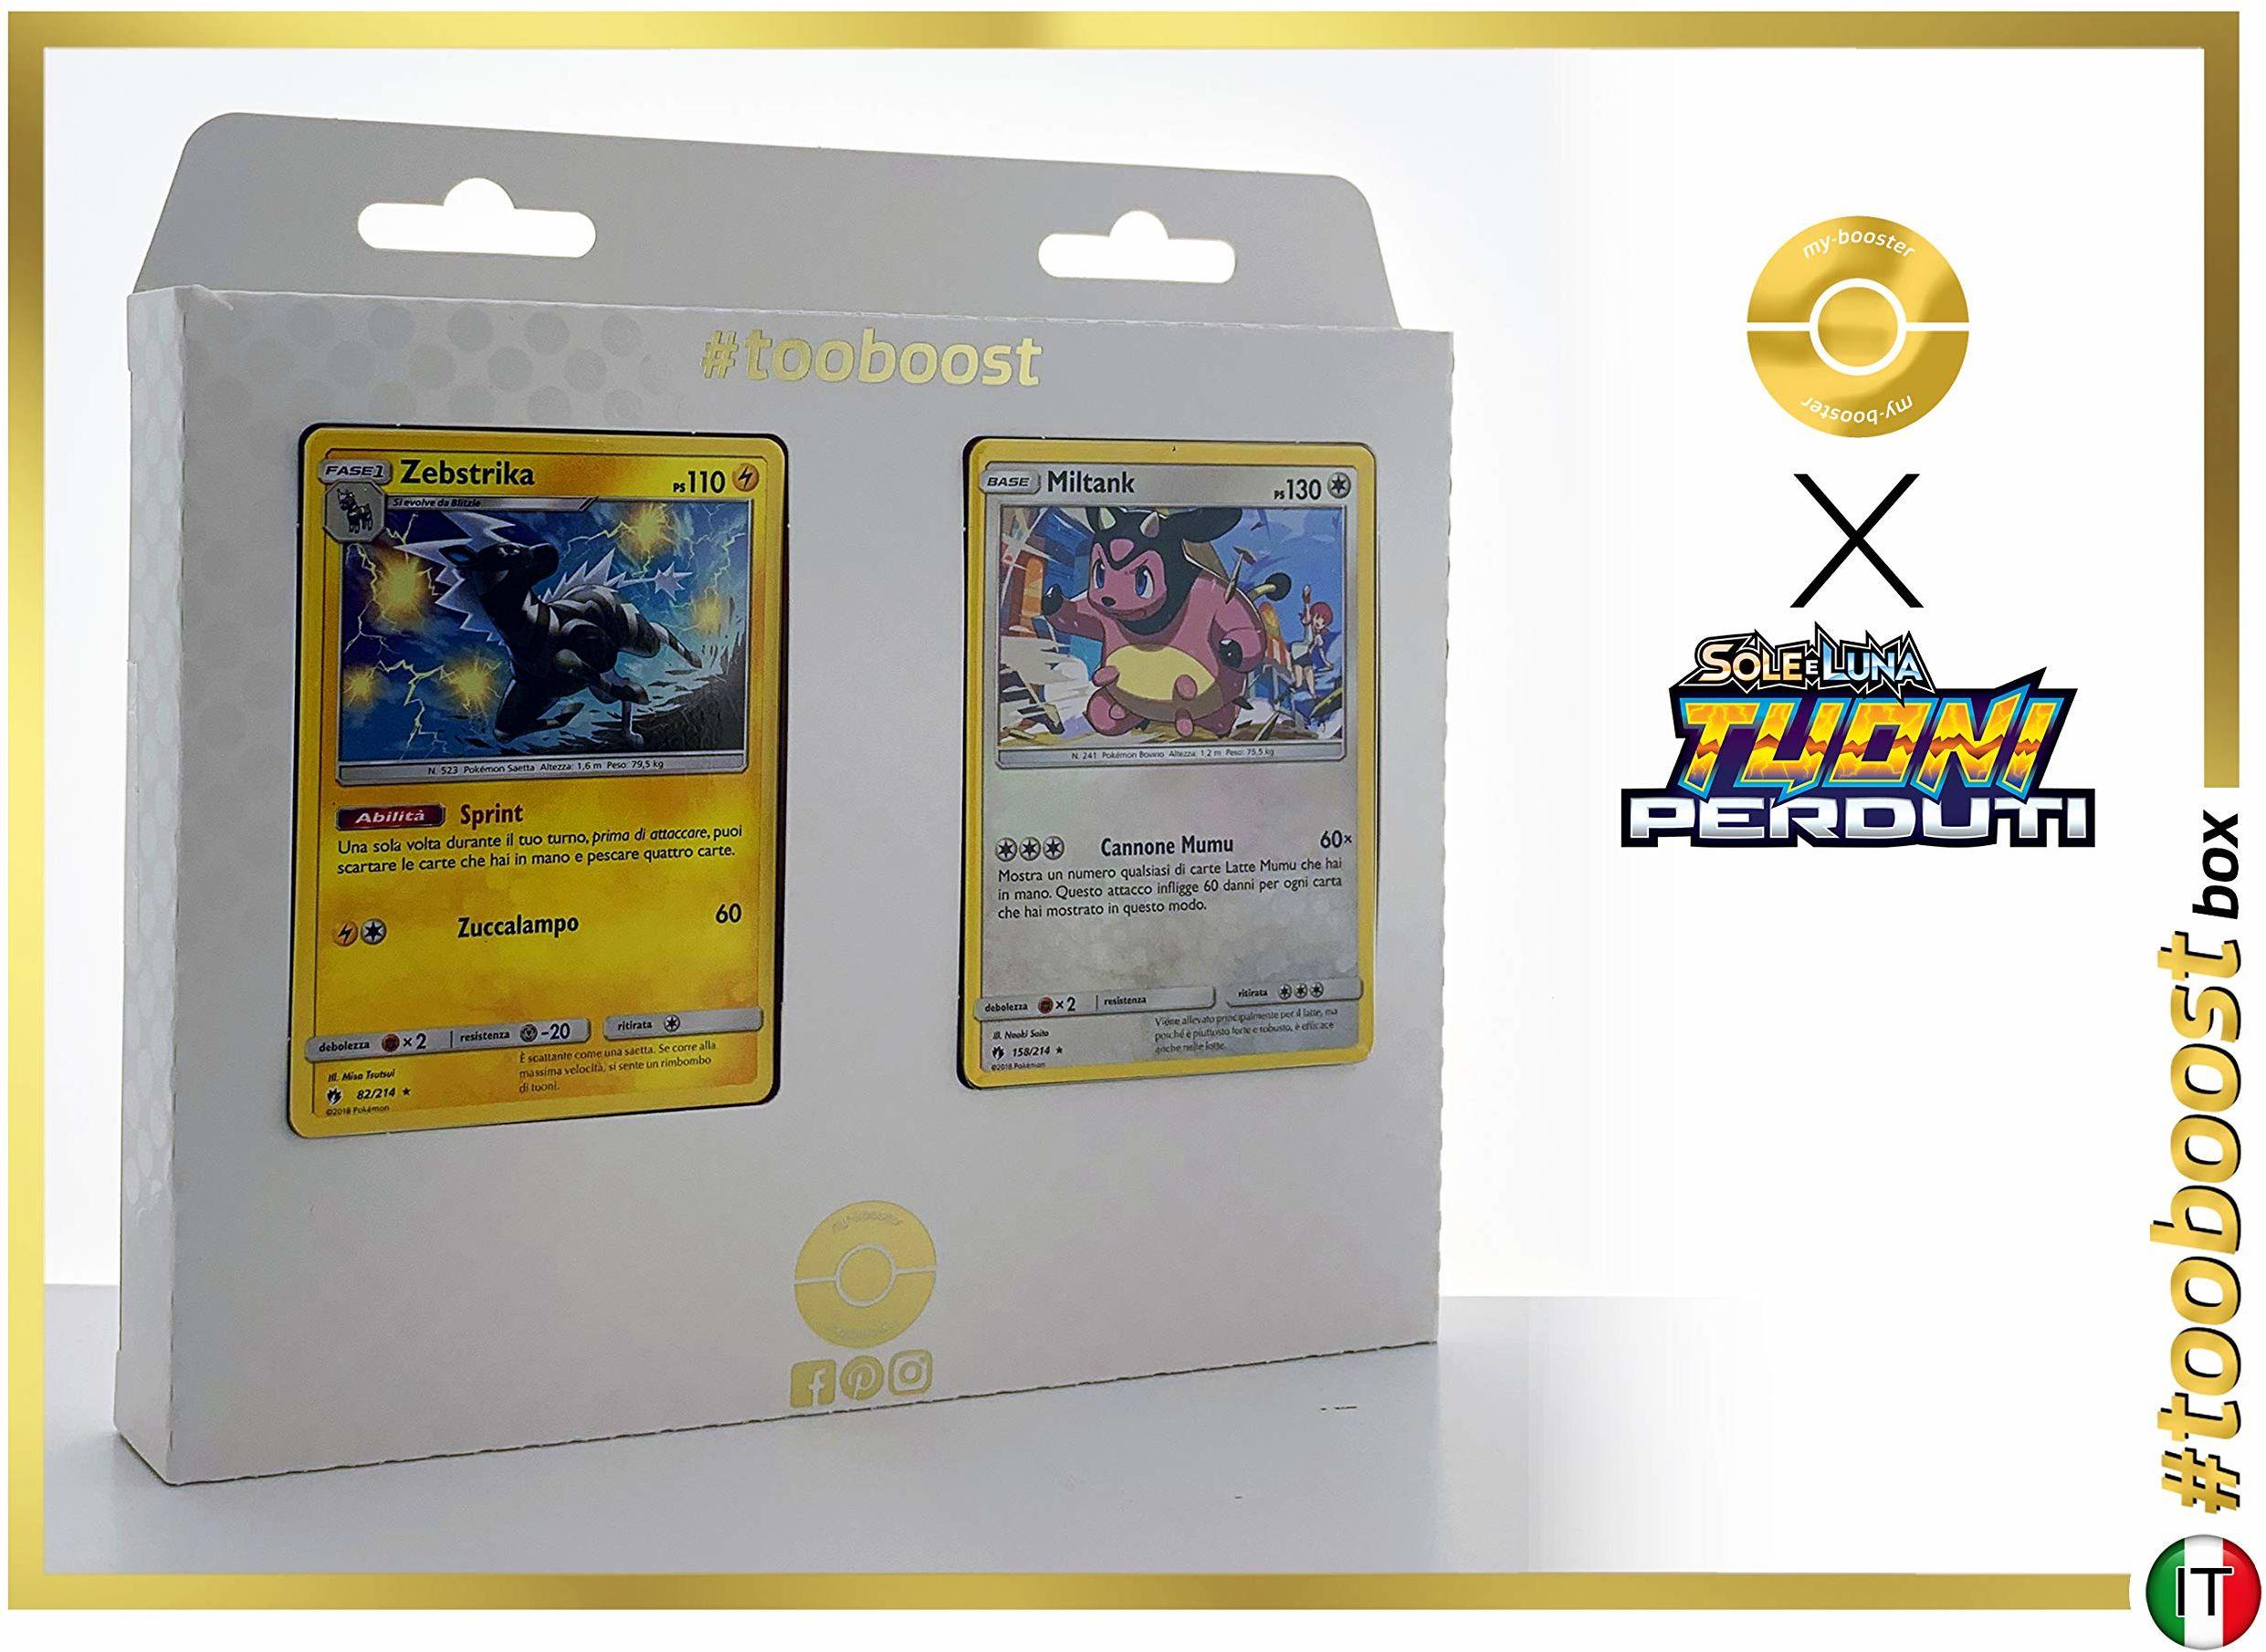 Zebstrika (Zebritz) 82/214 & Miltank 158/214  #tooboost X Sole E & Luna 8 Tuoni Perduti Box z 10 włoskimi kartami Pokémon + 1 Pokémon-Goodie